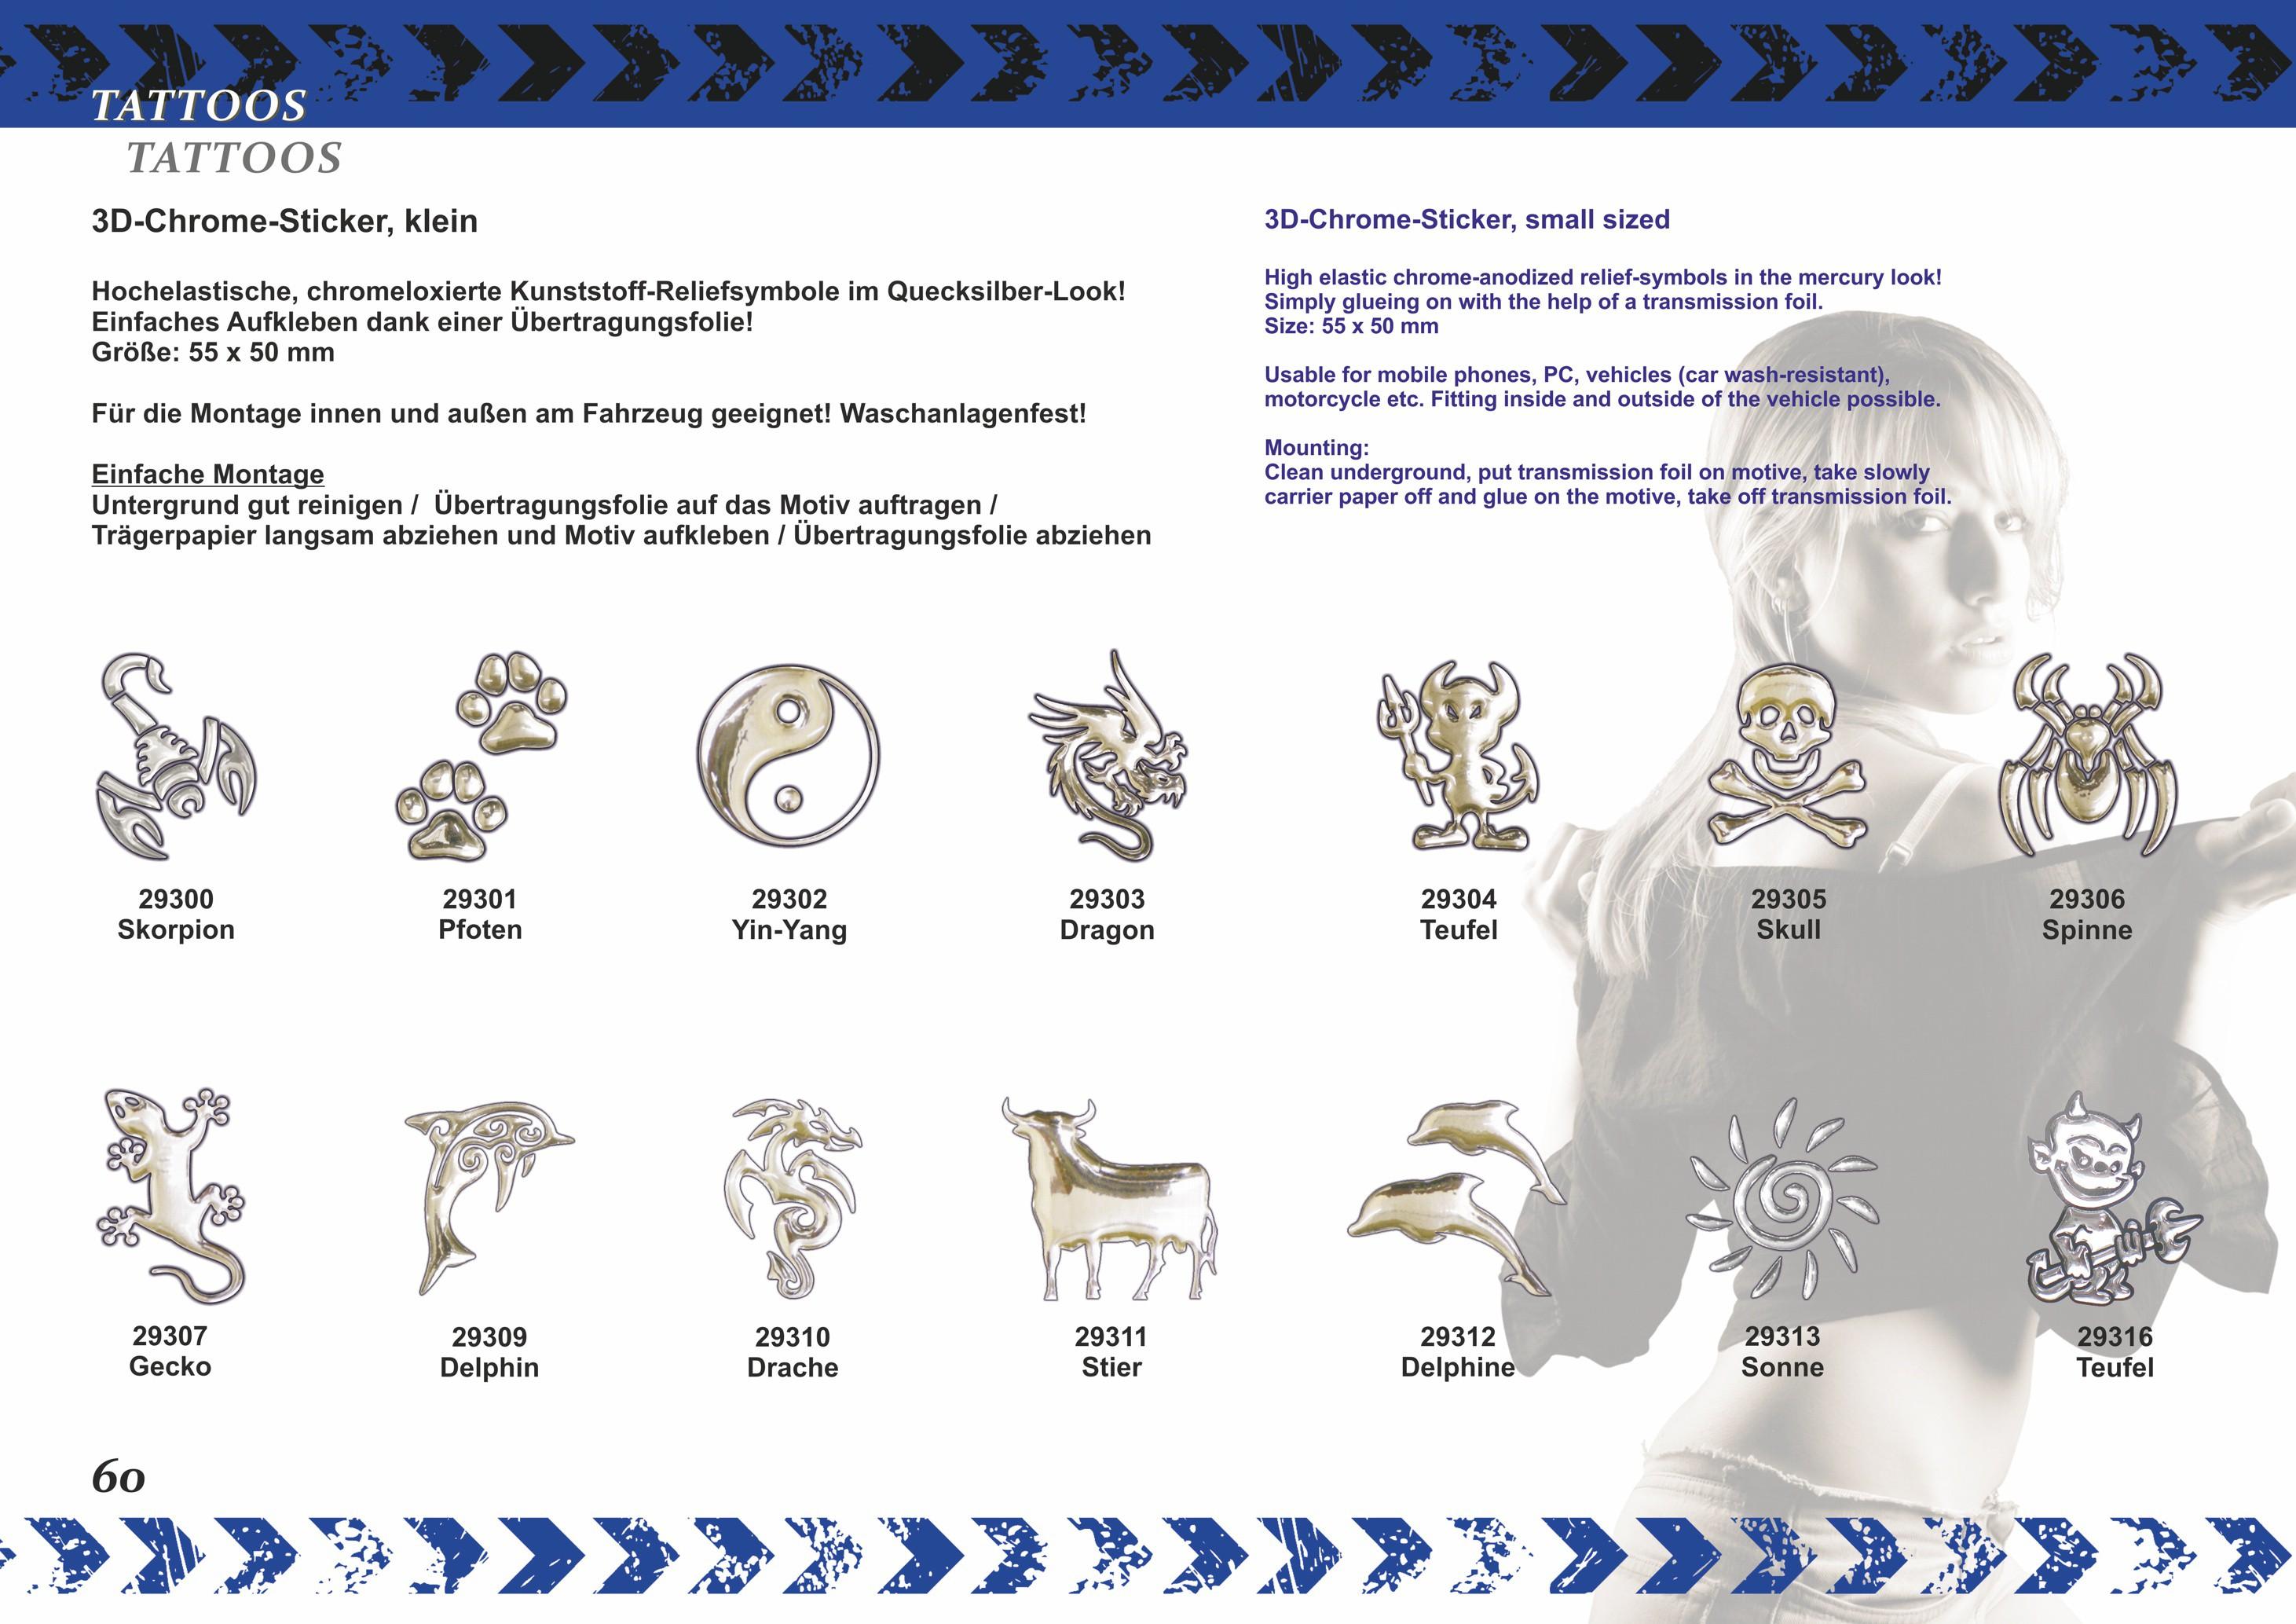 3D-Chrome-Sticker piss manikin 50 x 45 mm – Bild 4